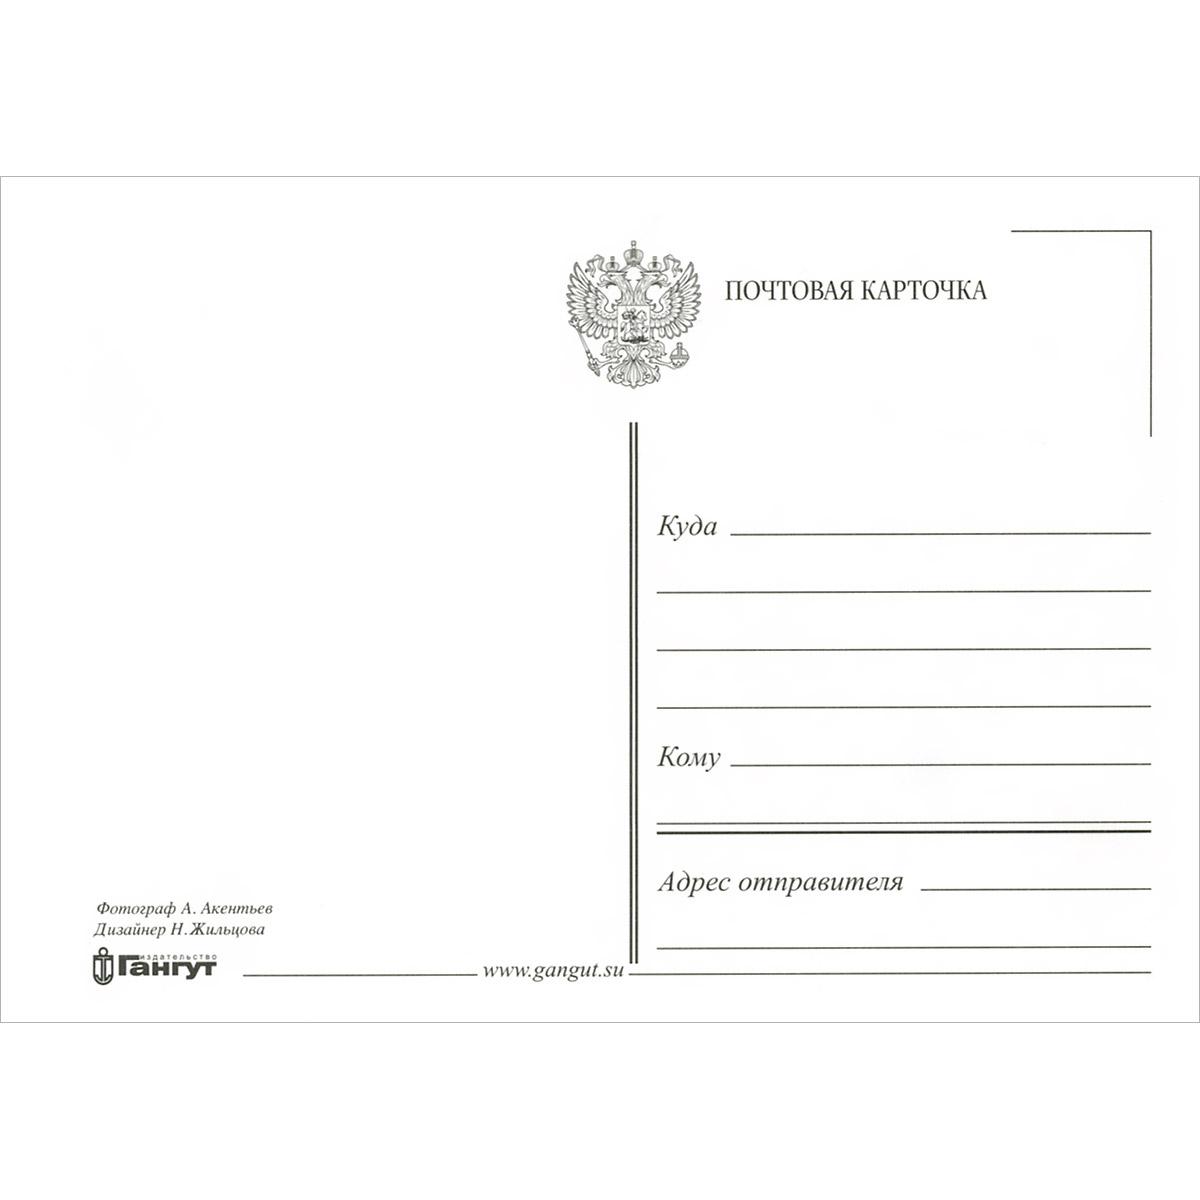 Краснознаменный Северный флот. Выпуск 1 (набор из 15 открыток)